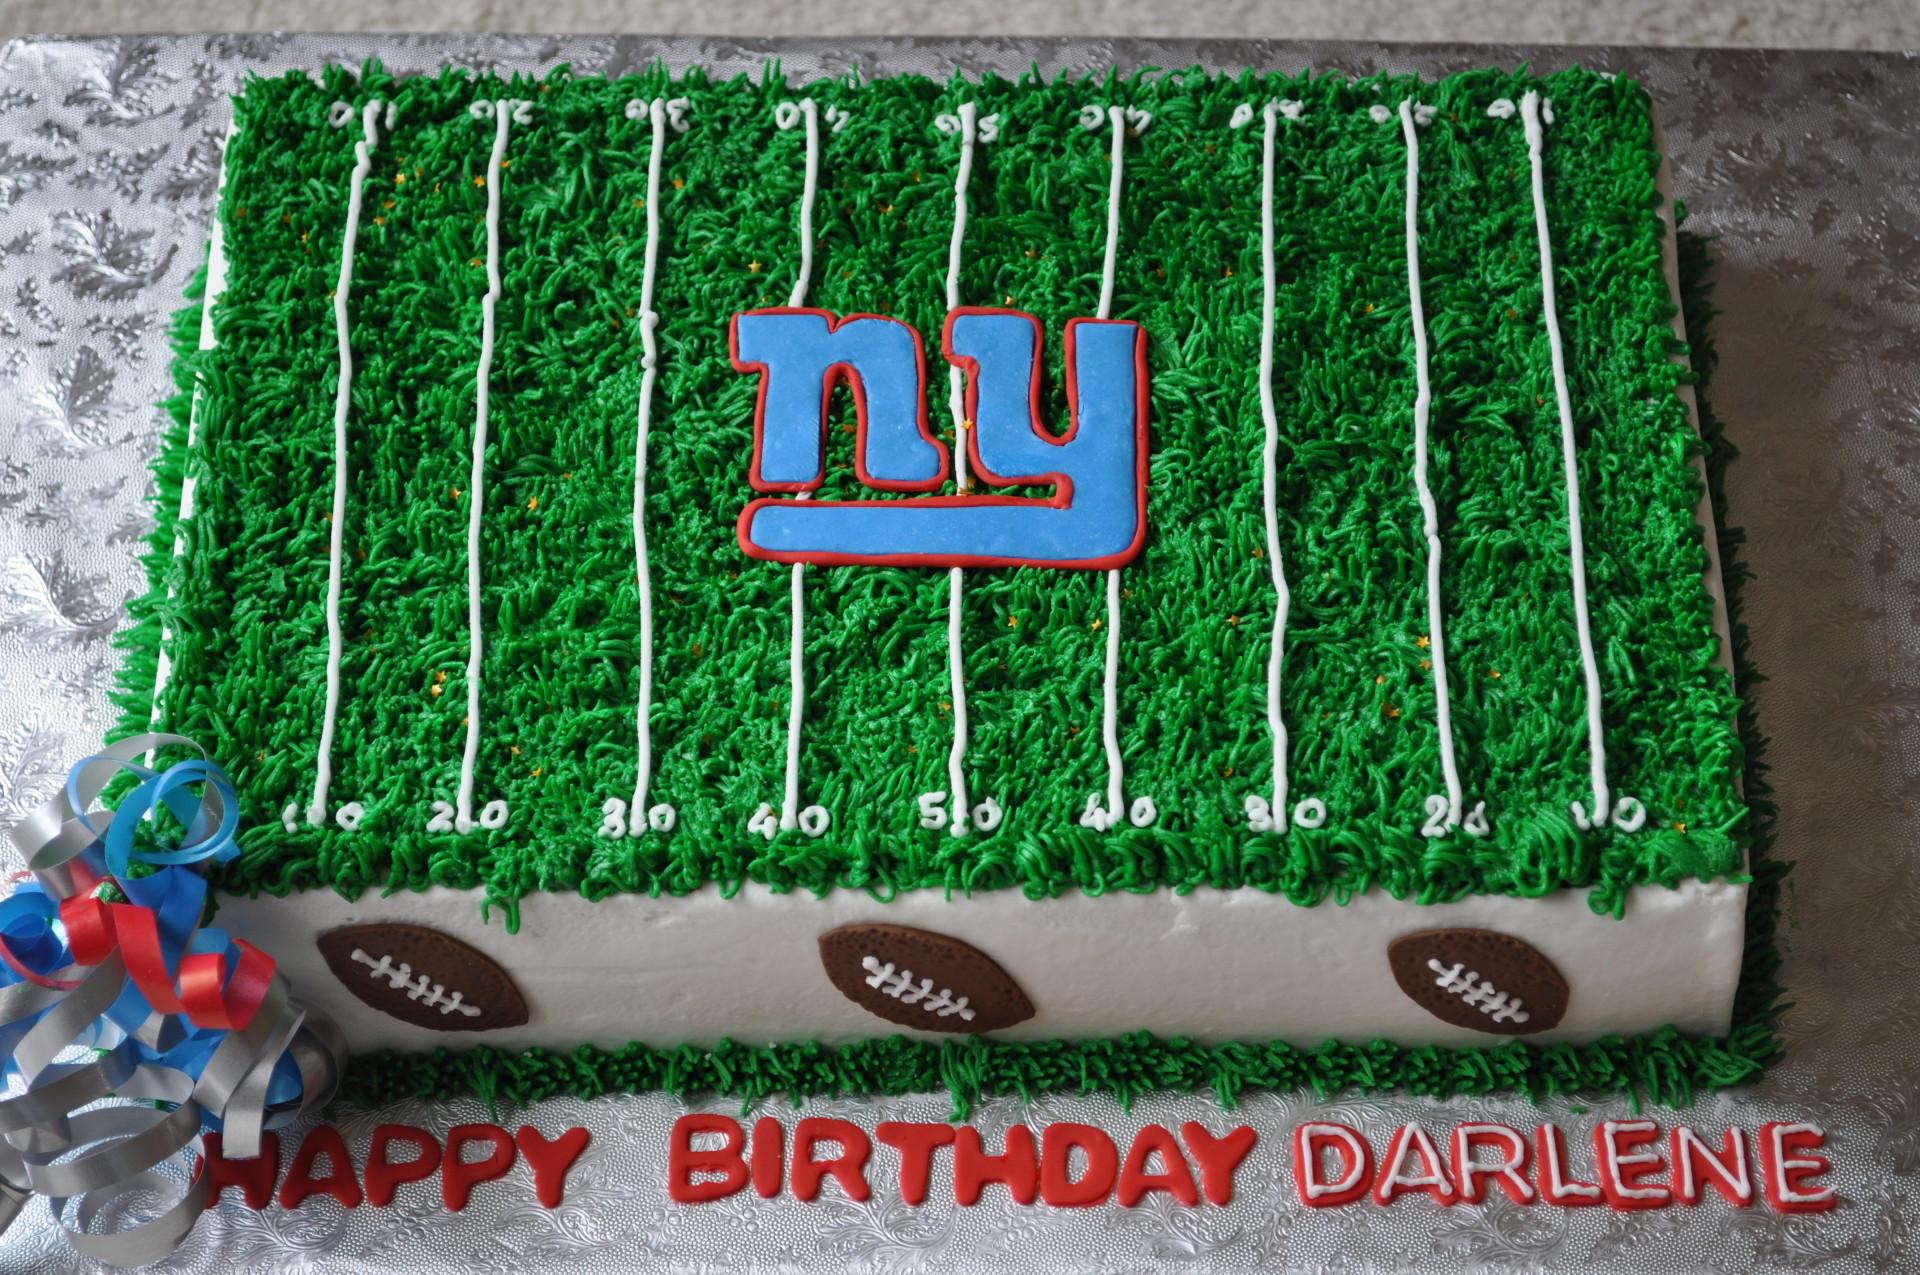 Football cake, NY cake